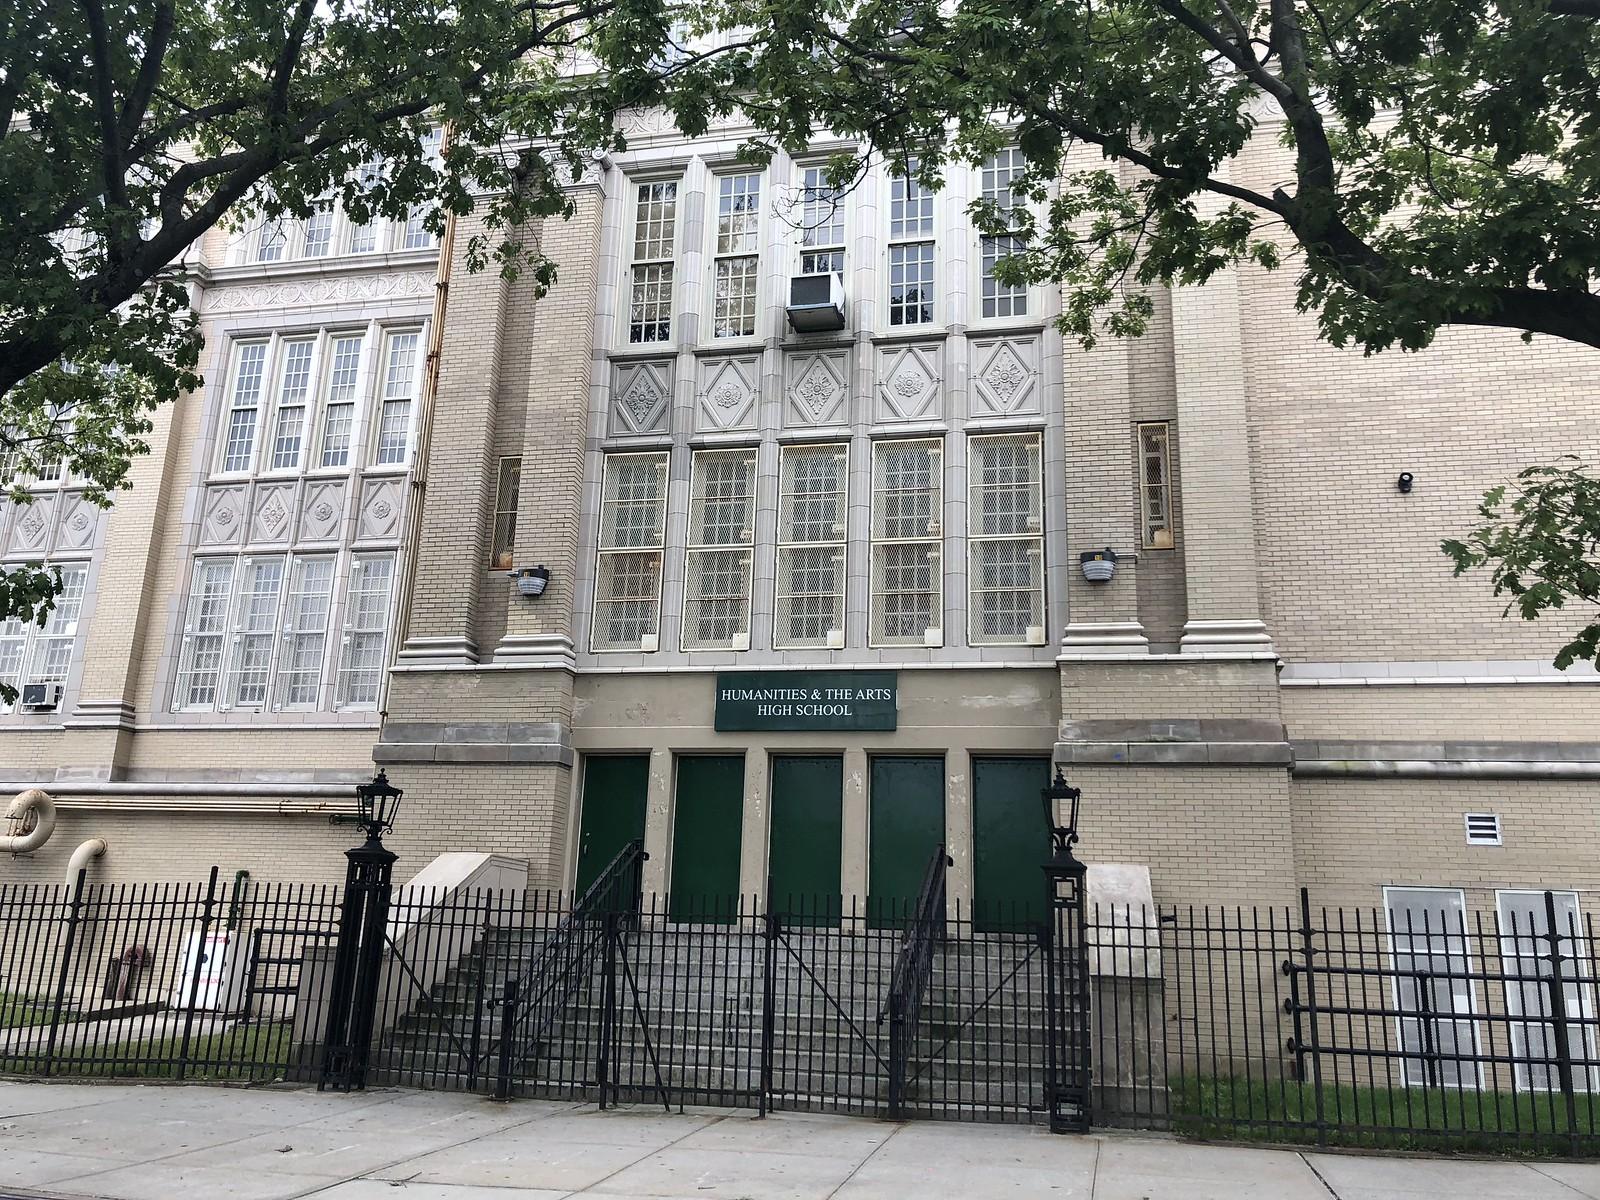 Humanities & Arts Magnet High School - District 29